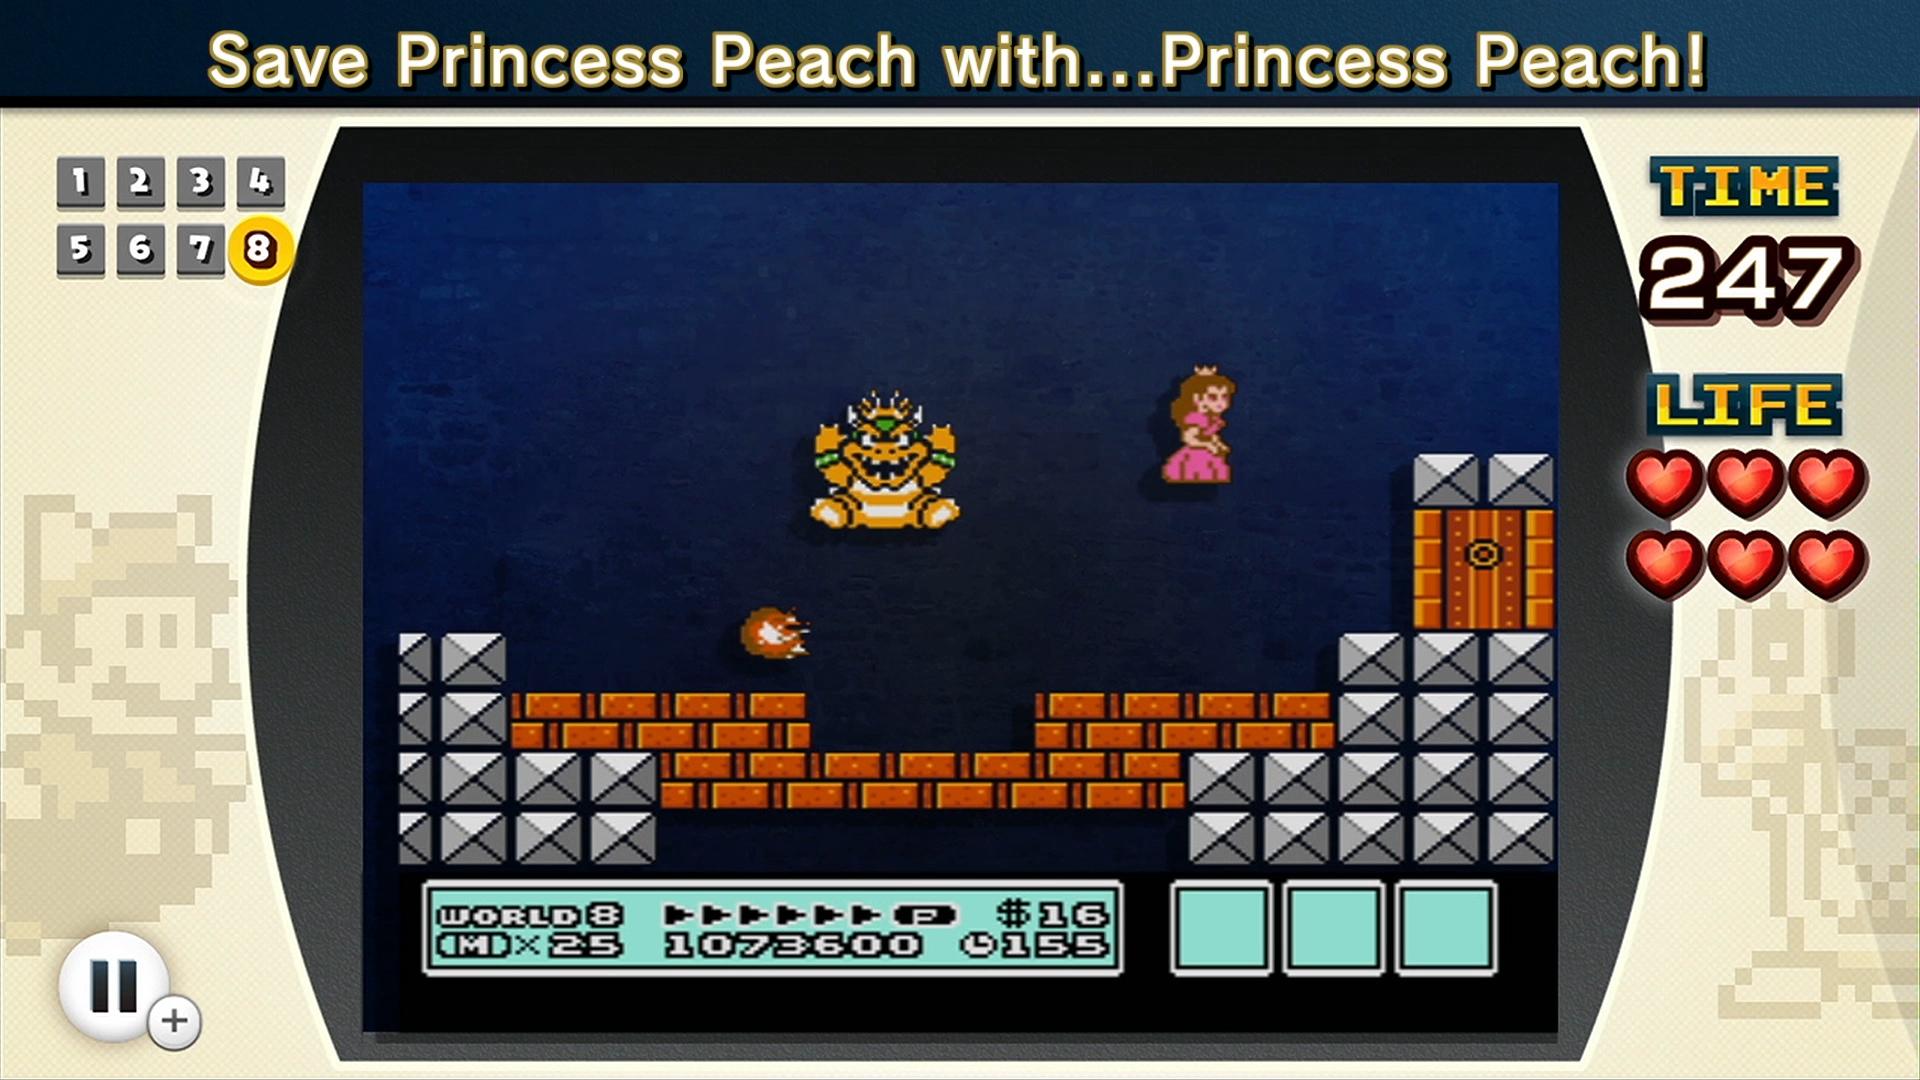 Peach_save